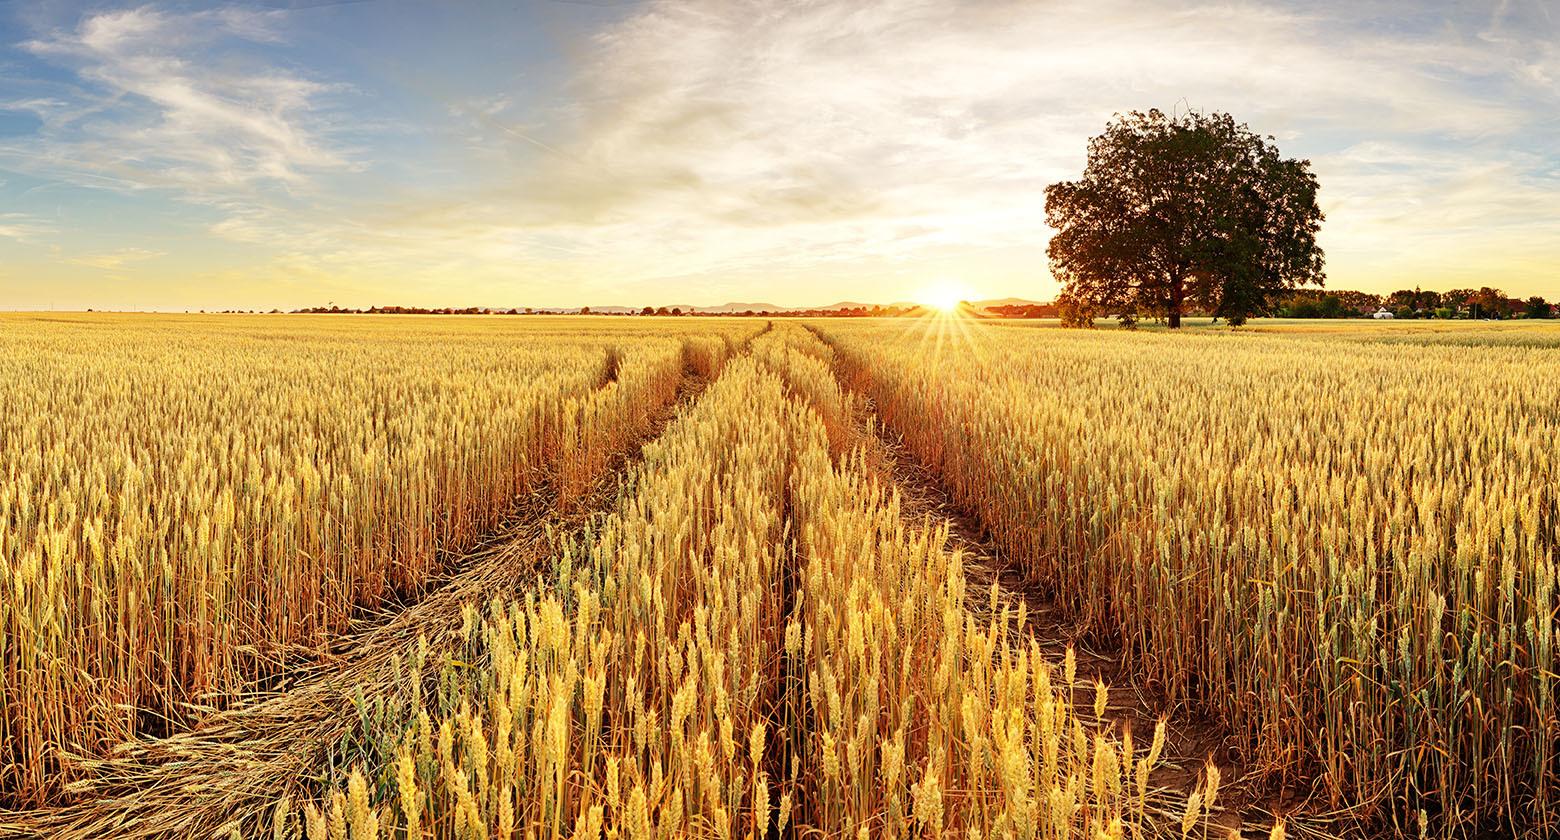 El Consejo de Ministros aprueba el reparto de 130,7 millones de euros entre las CCAA para programas agrícolas, ganaderos y de desarrollo rural - 0